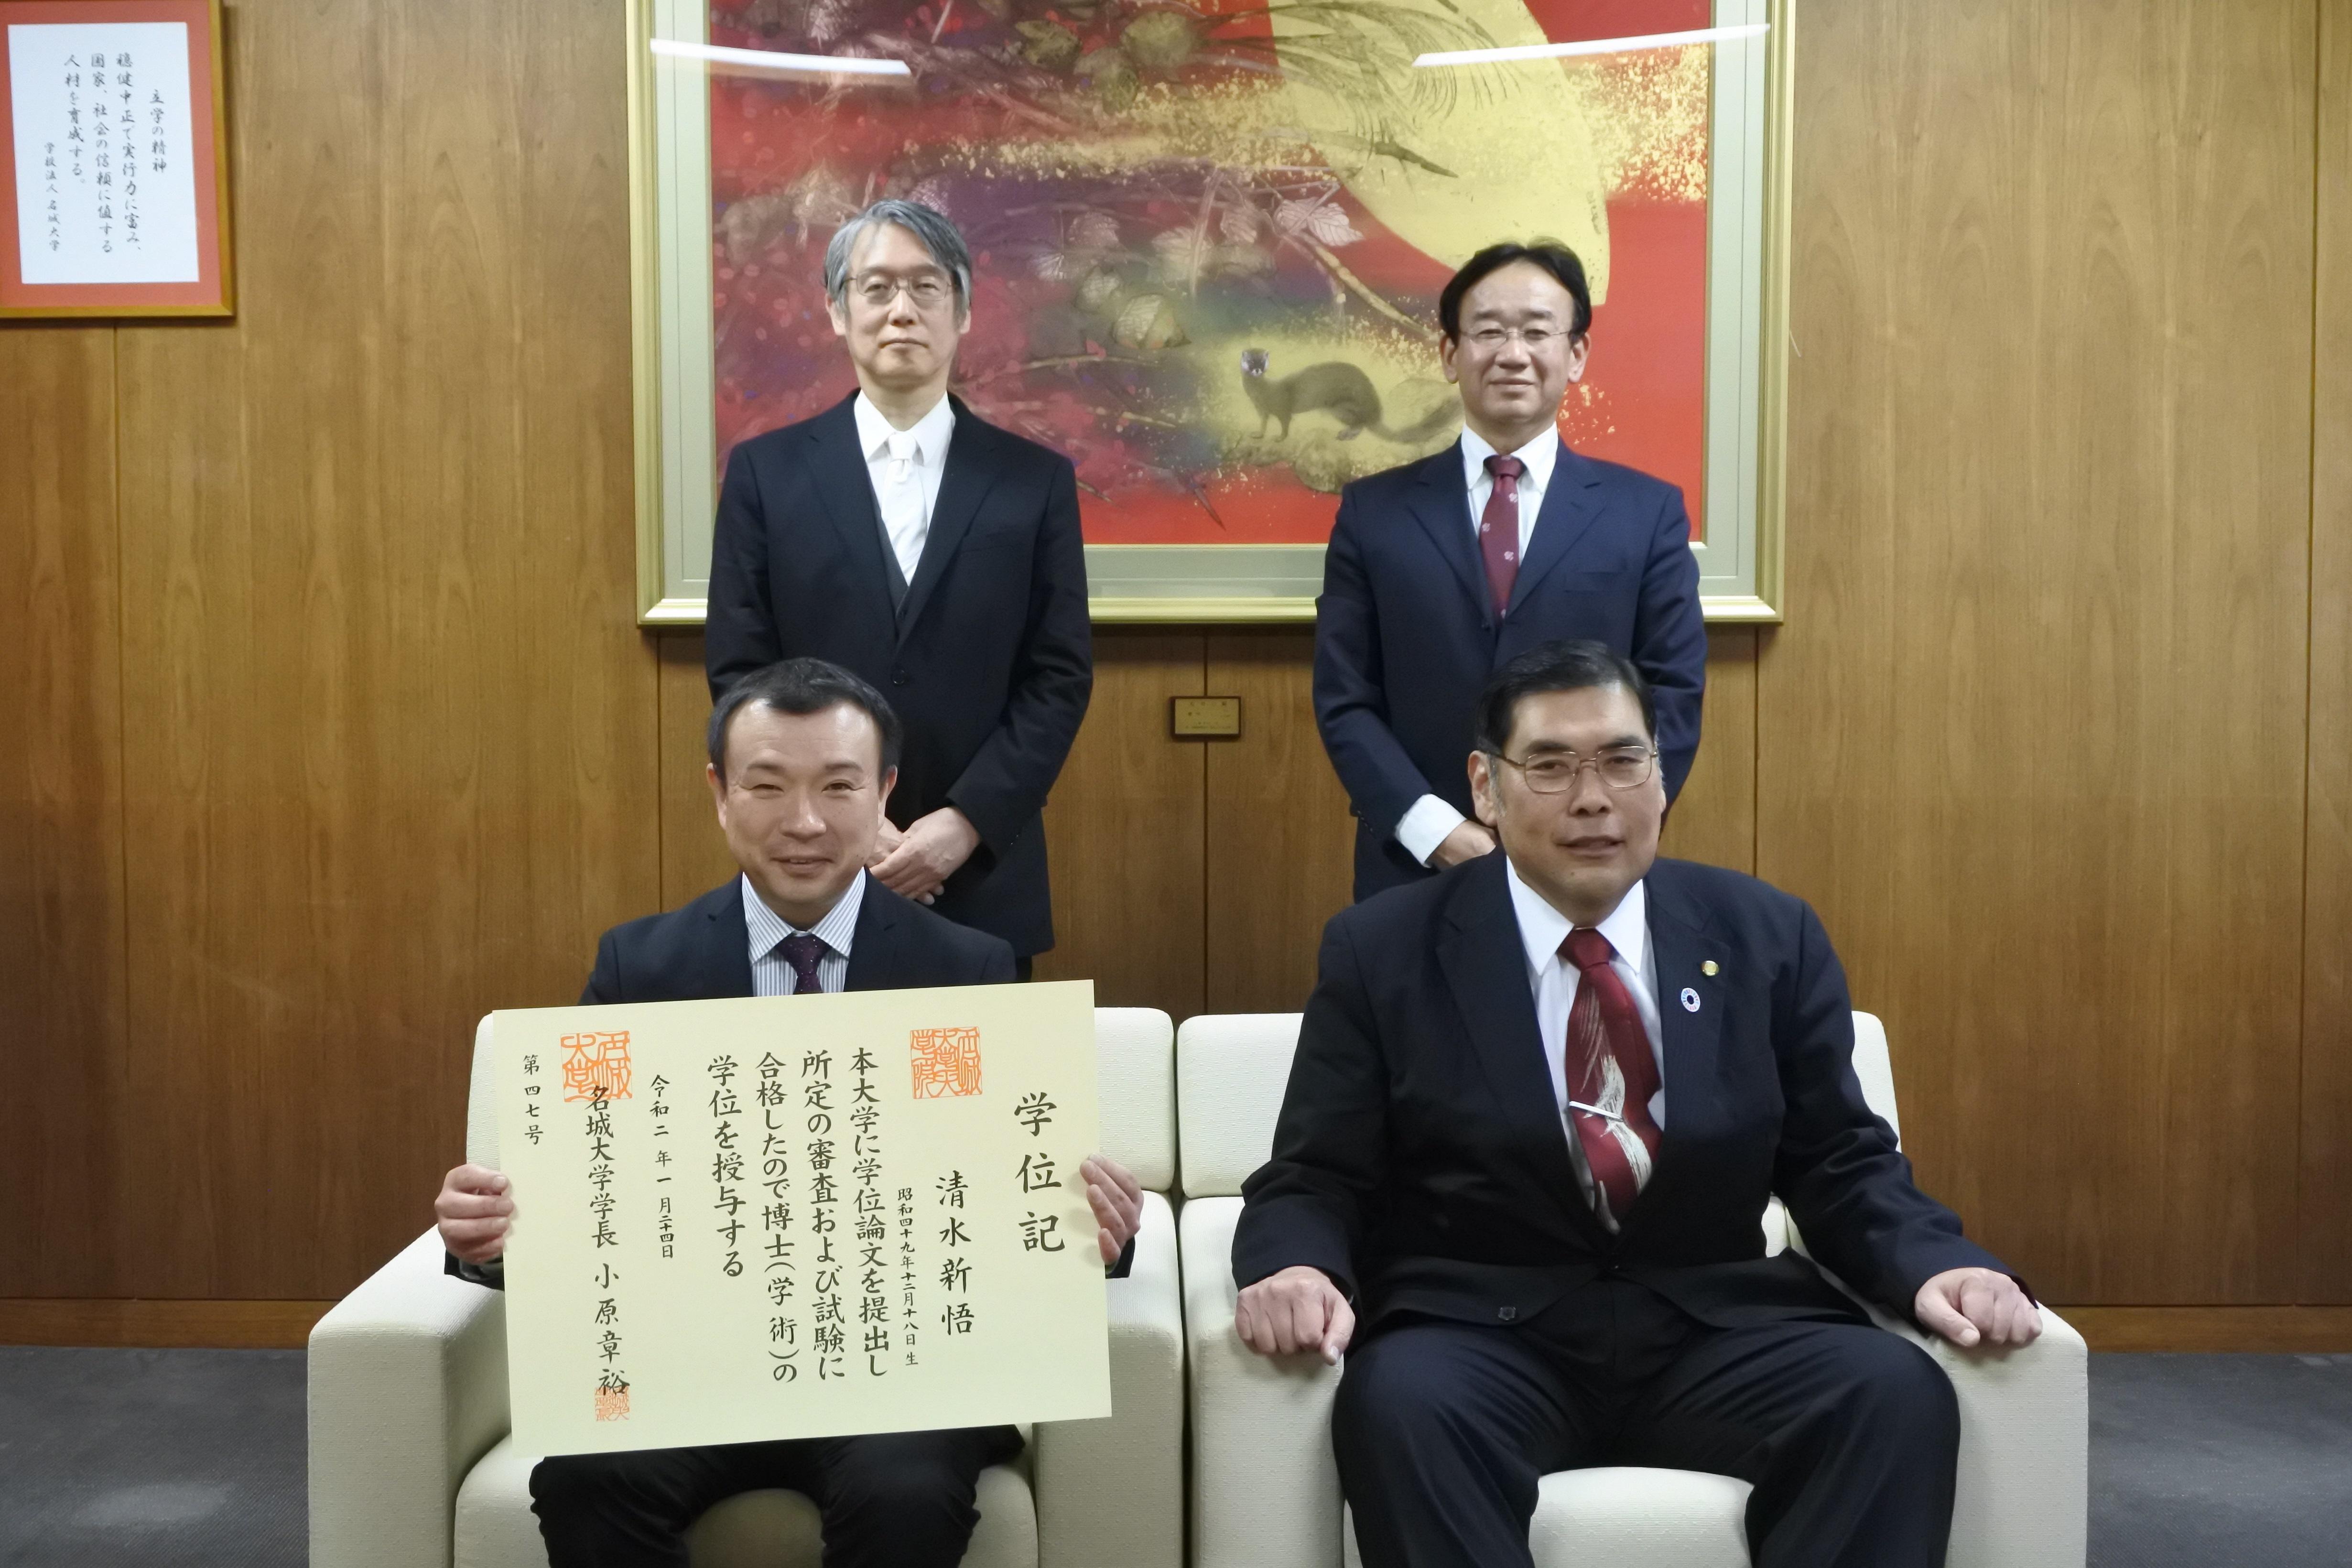 清水新悟さん(前列左)、小原章裕学長(同右)、田中義人研究科長(後列左)、加藤幸久教授(後列右)